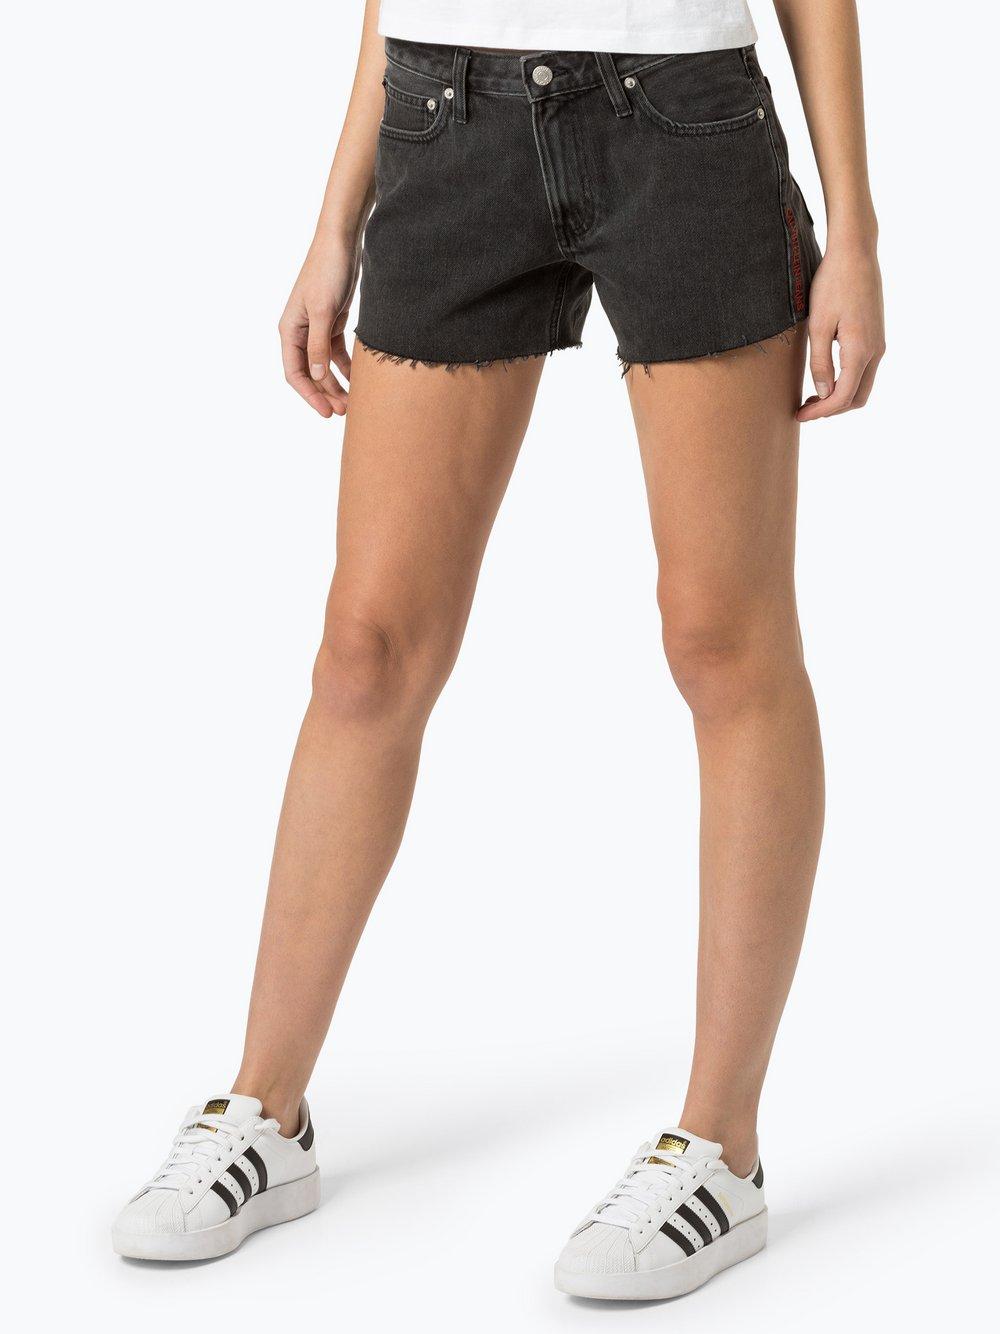 Calvin Klein Jeans - Damskie krótkie spodenki jeansowe, szary